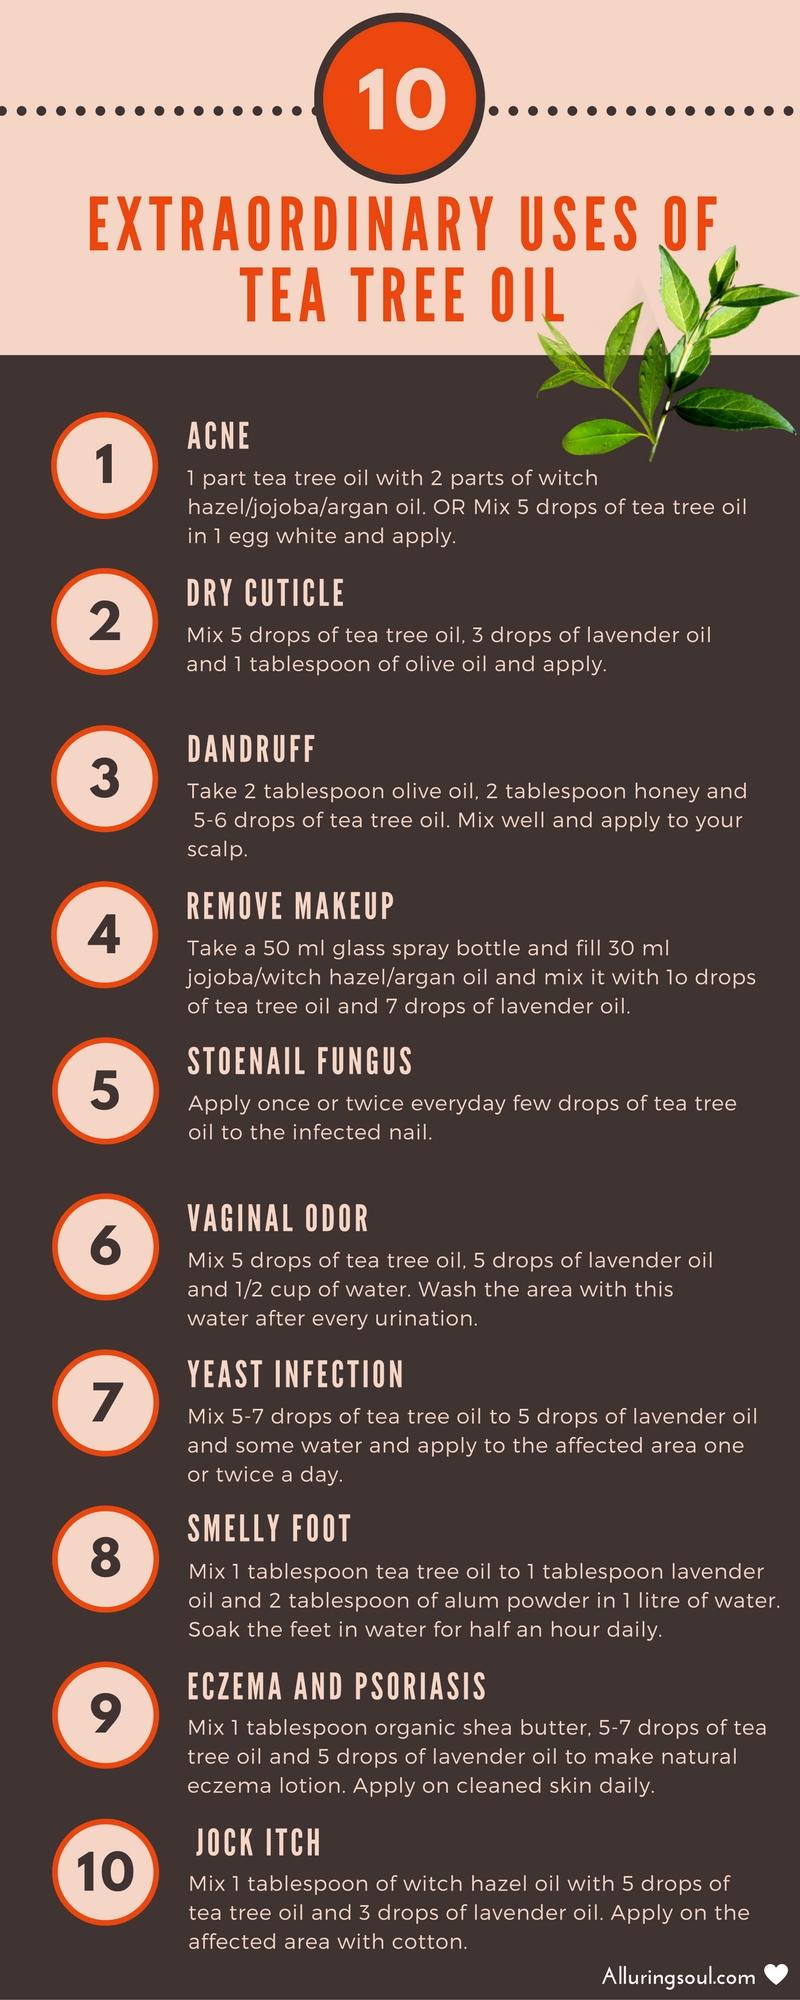 extra-ordinary-uses-oftea-tree-oil